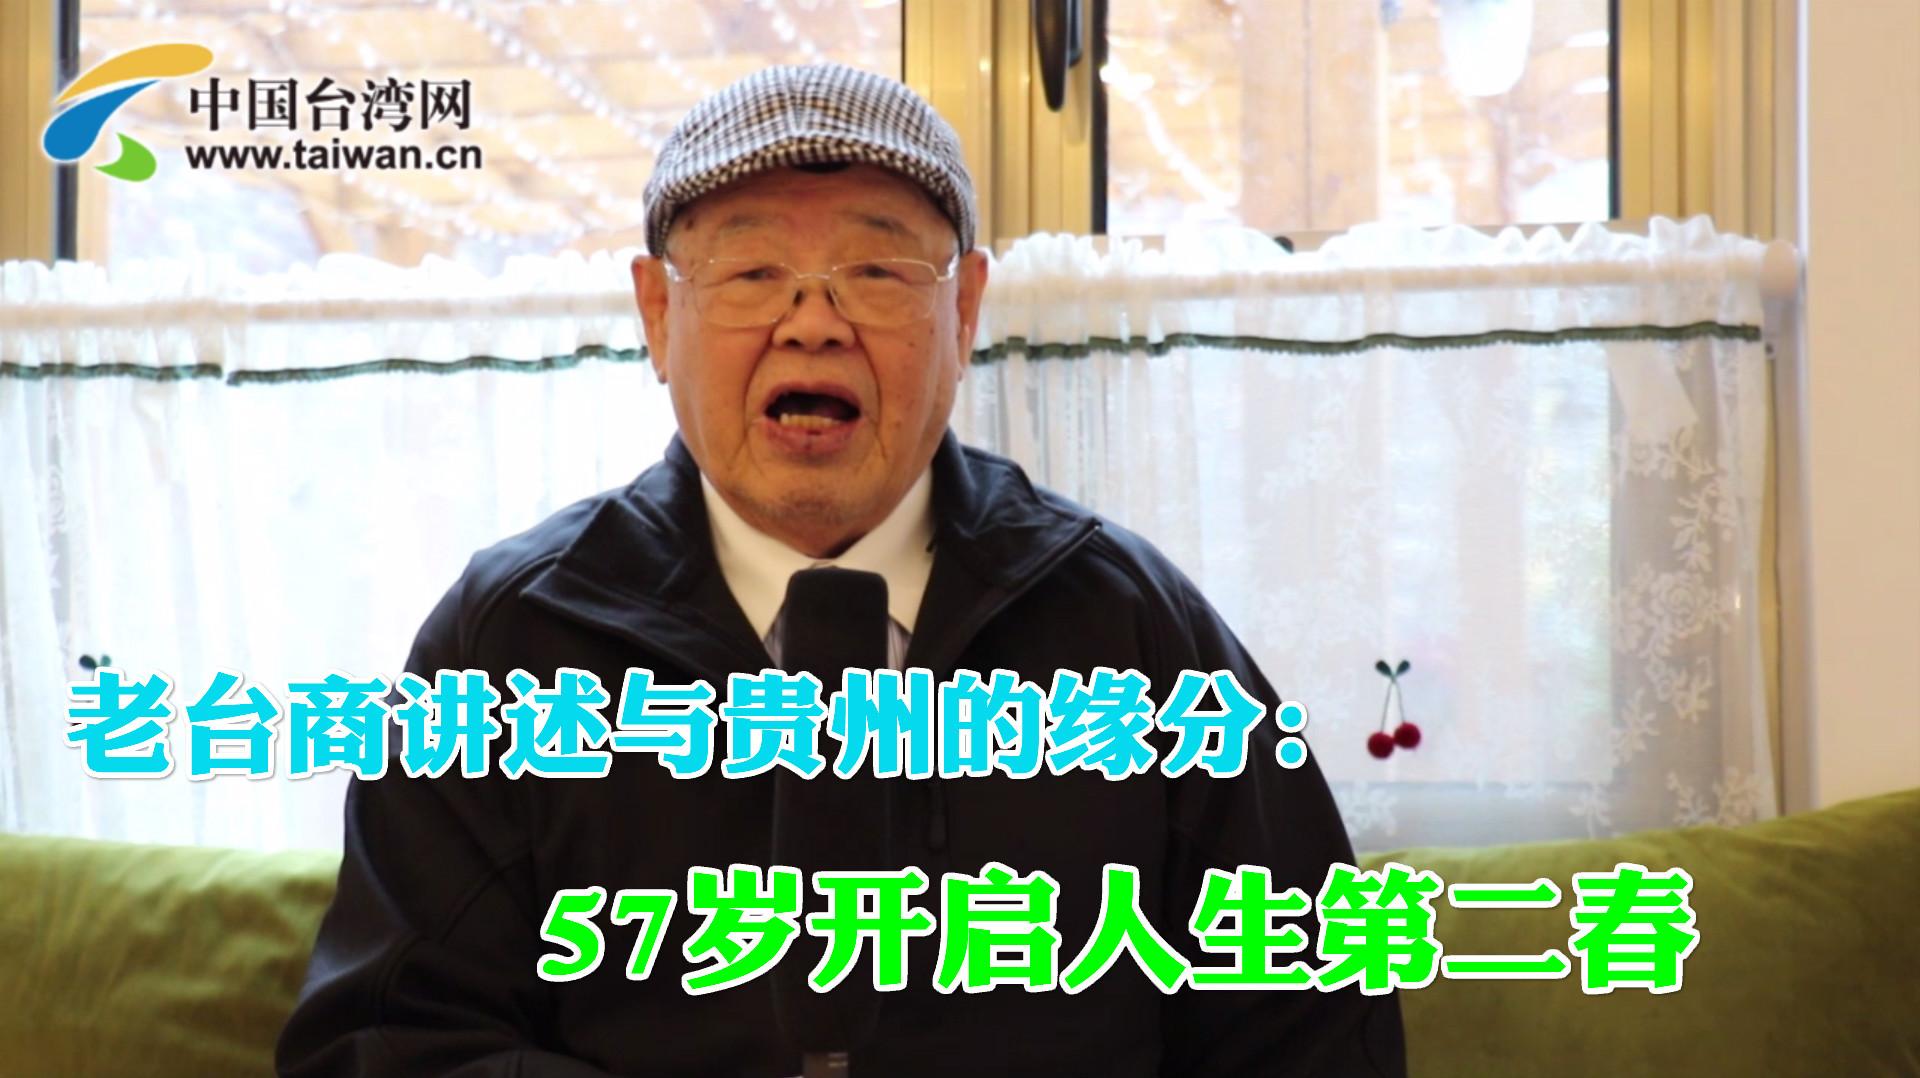 老臺商講述與貴州的緣分:57歲開啟人生第二春圖片